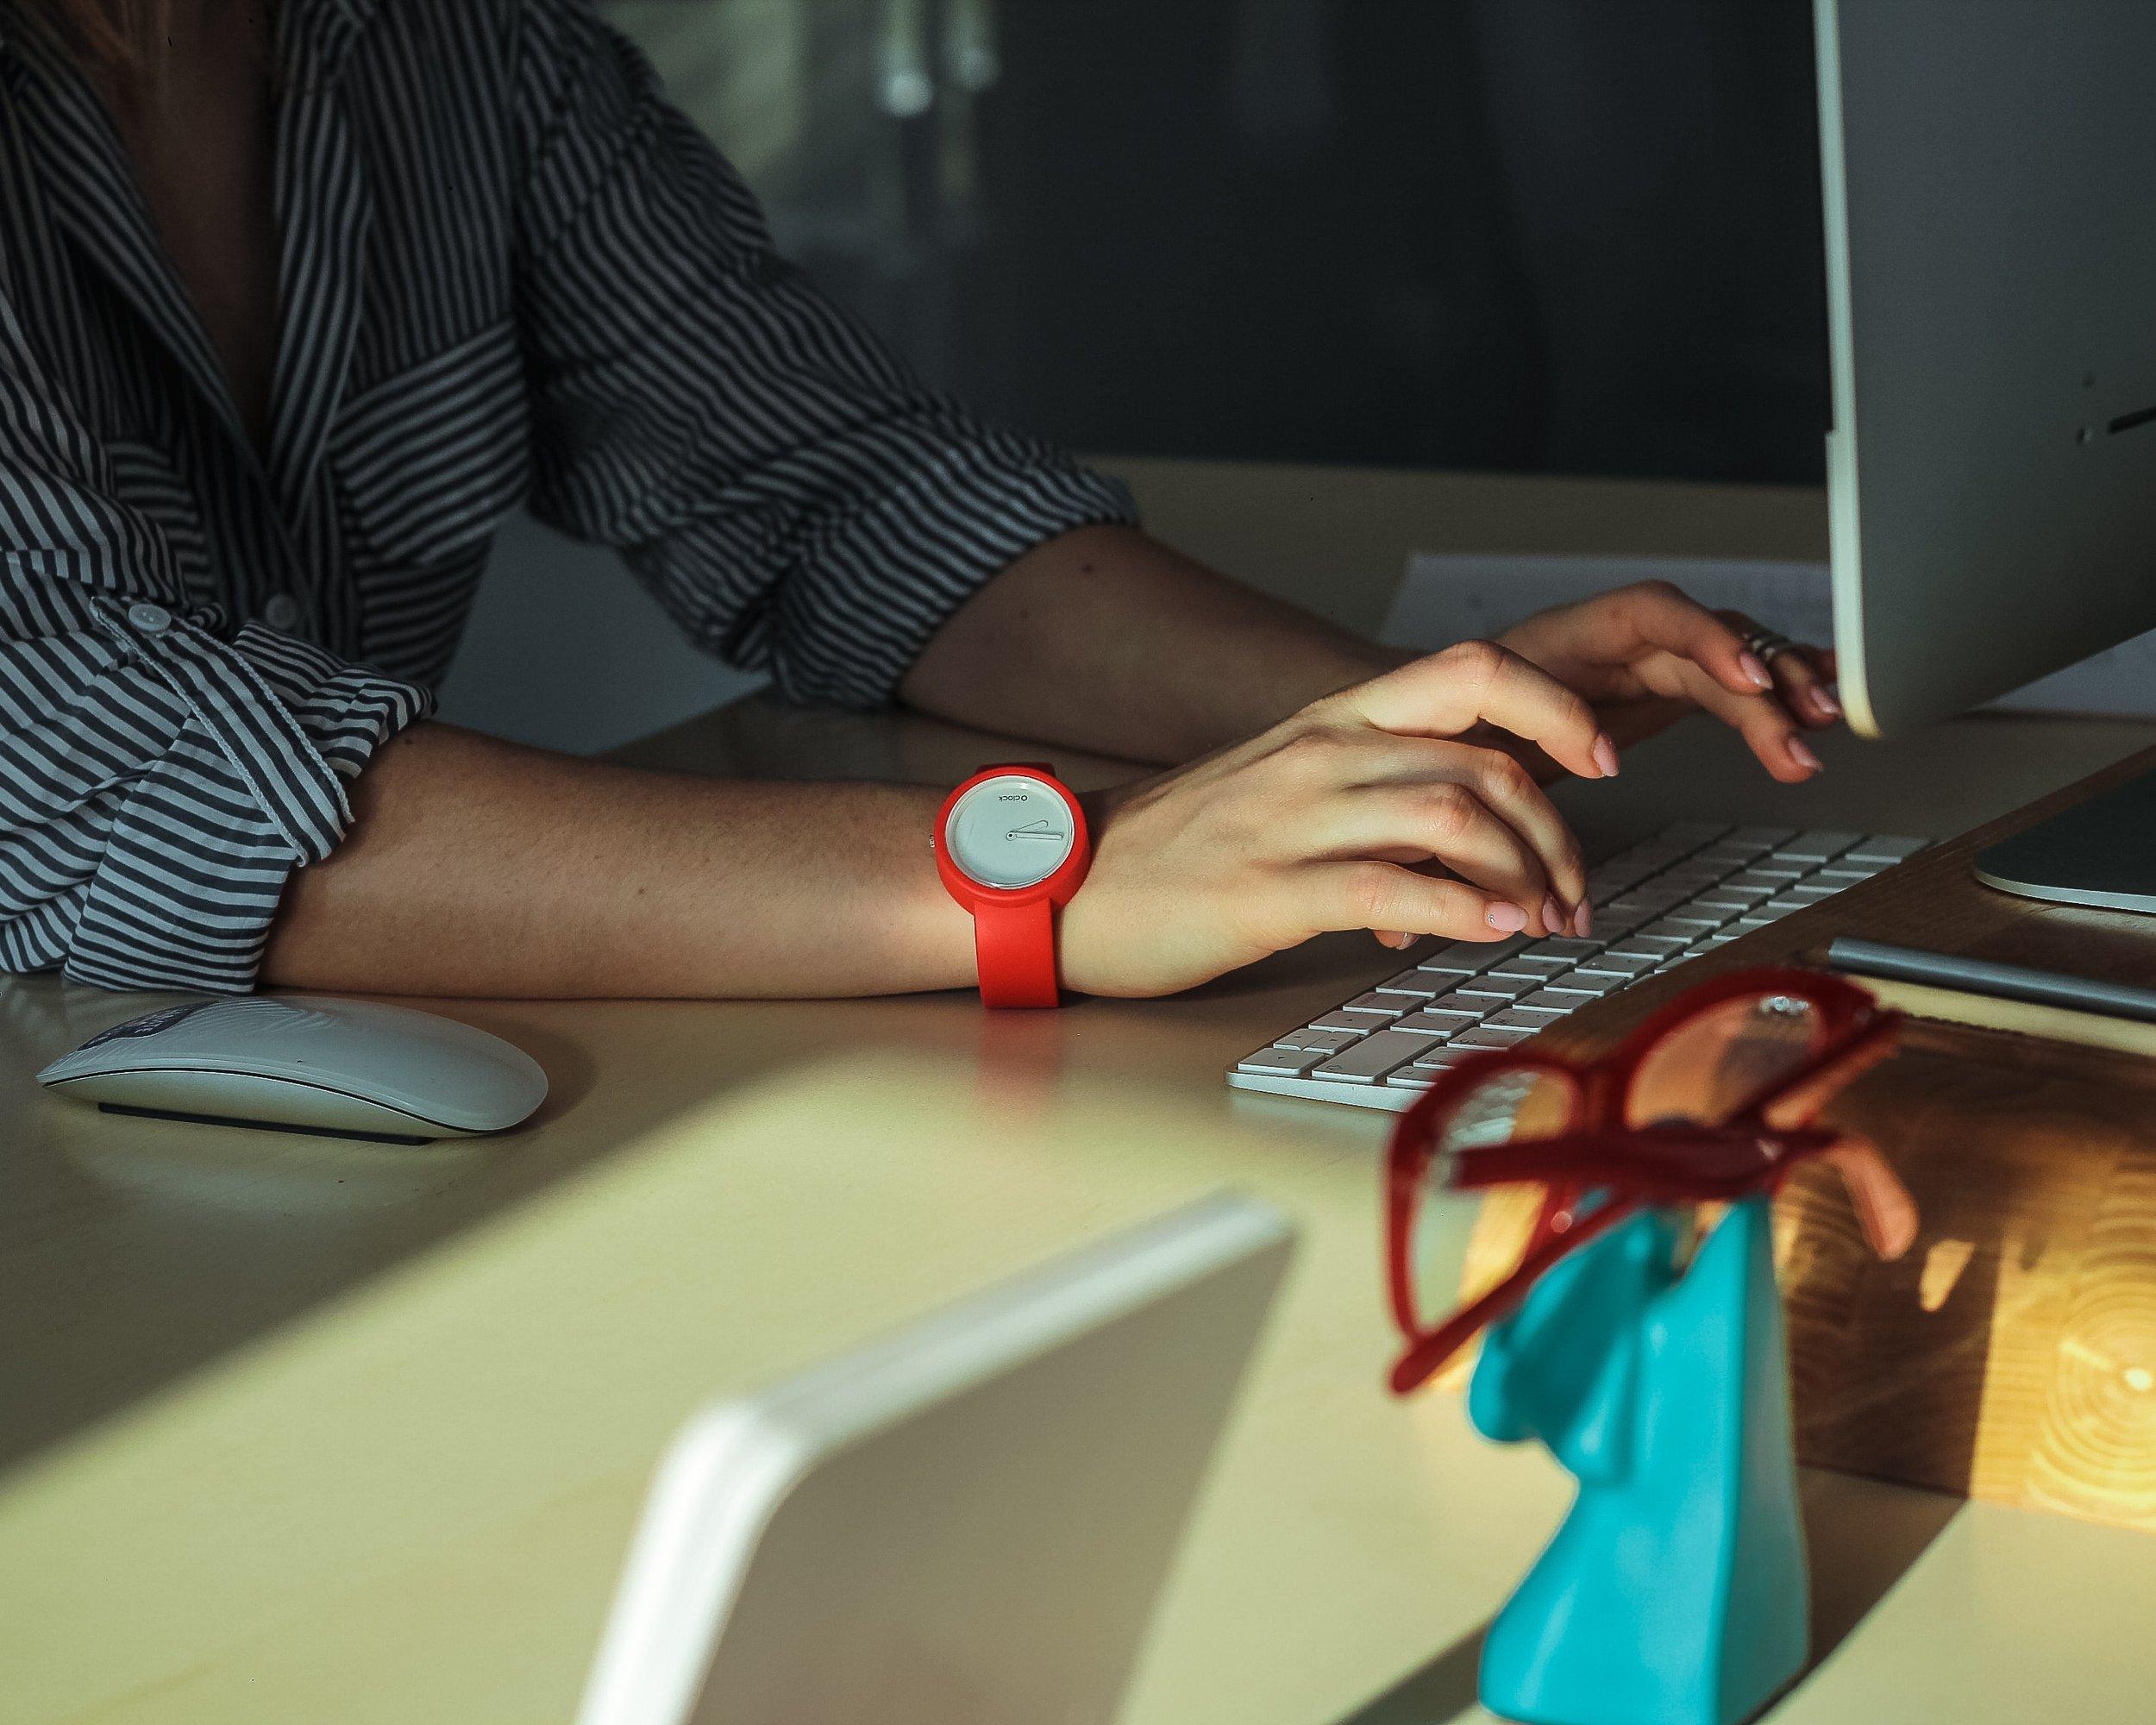 computer-desk-hands-2089373.jpg